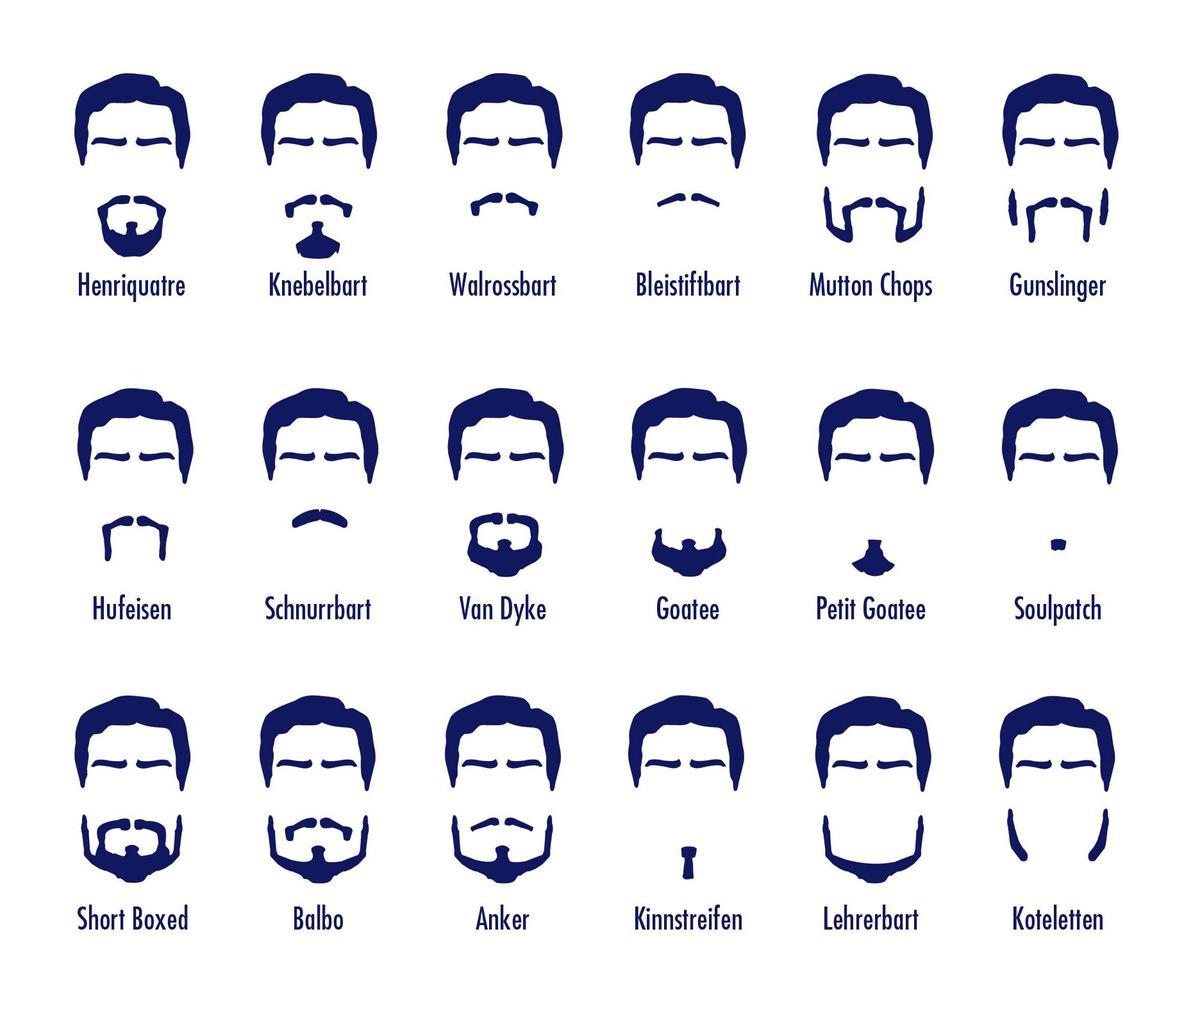 Welche Bartform findet ihr am schönsten? - Allmystery